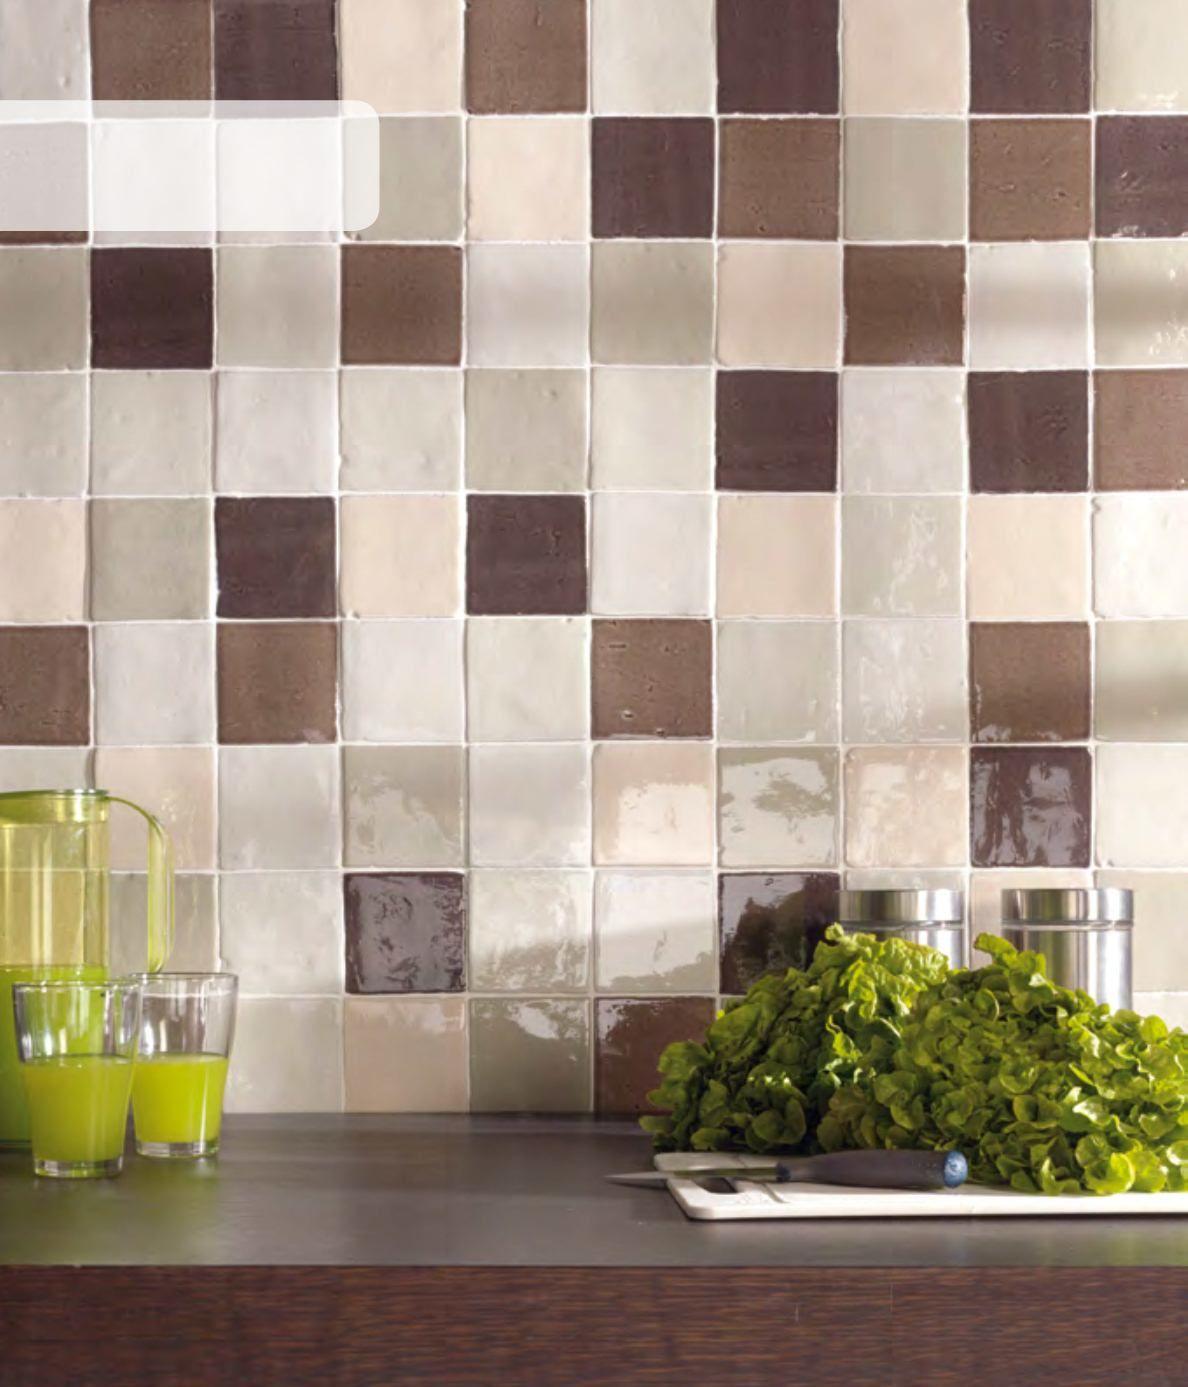 CEVICA - Catálogo General 2015   Tiles, mosaics   Pinterest   Catálogo